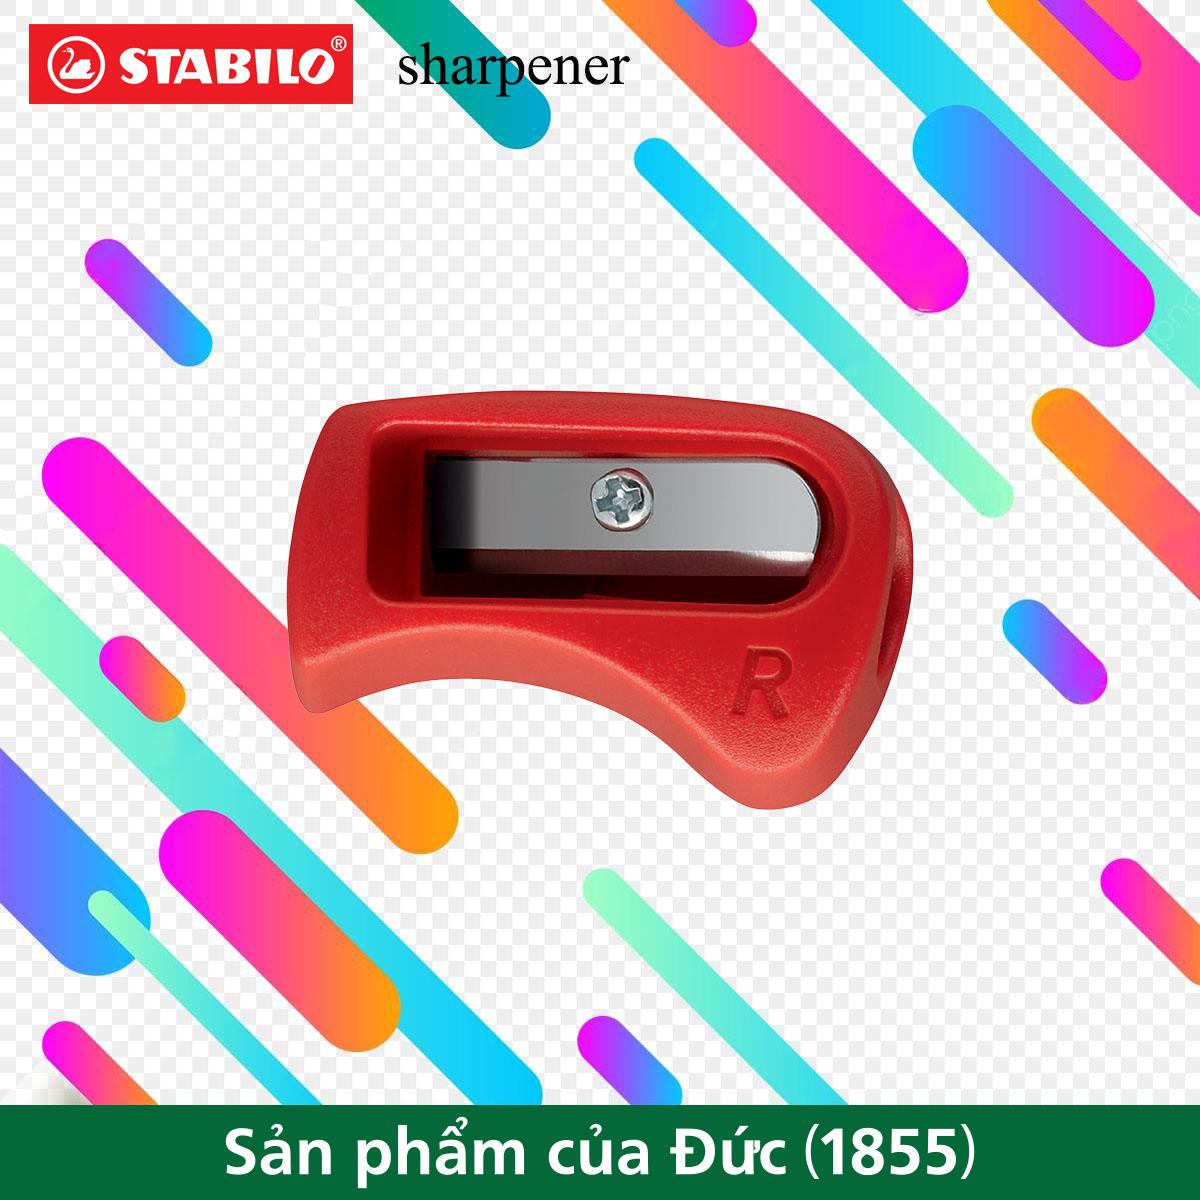 Chuốt bút chì hình thể học STABILO sharpener PSE4532R (tay phải)